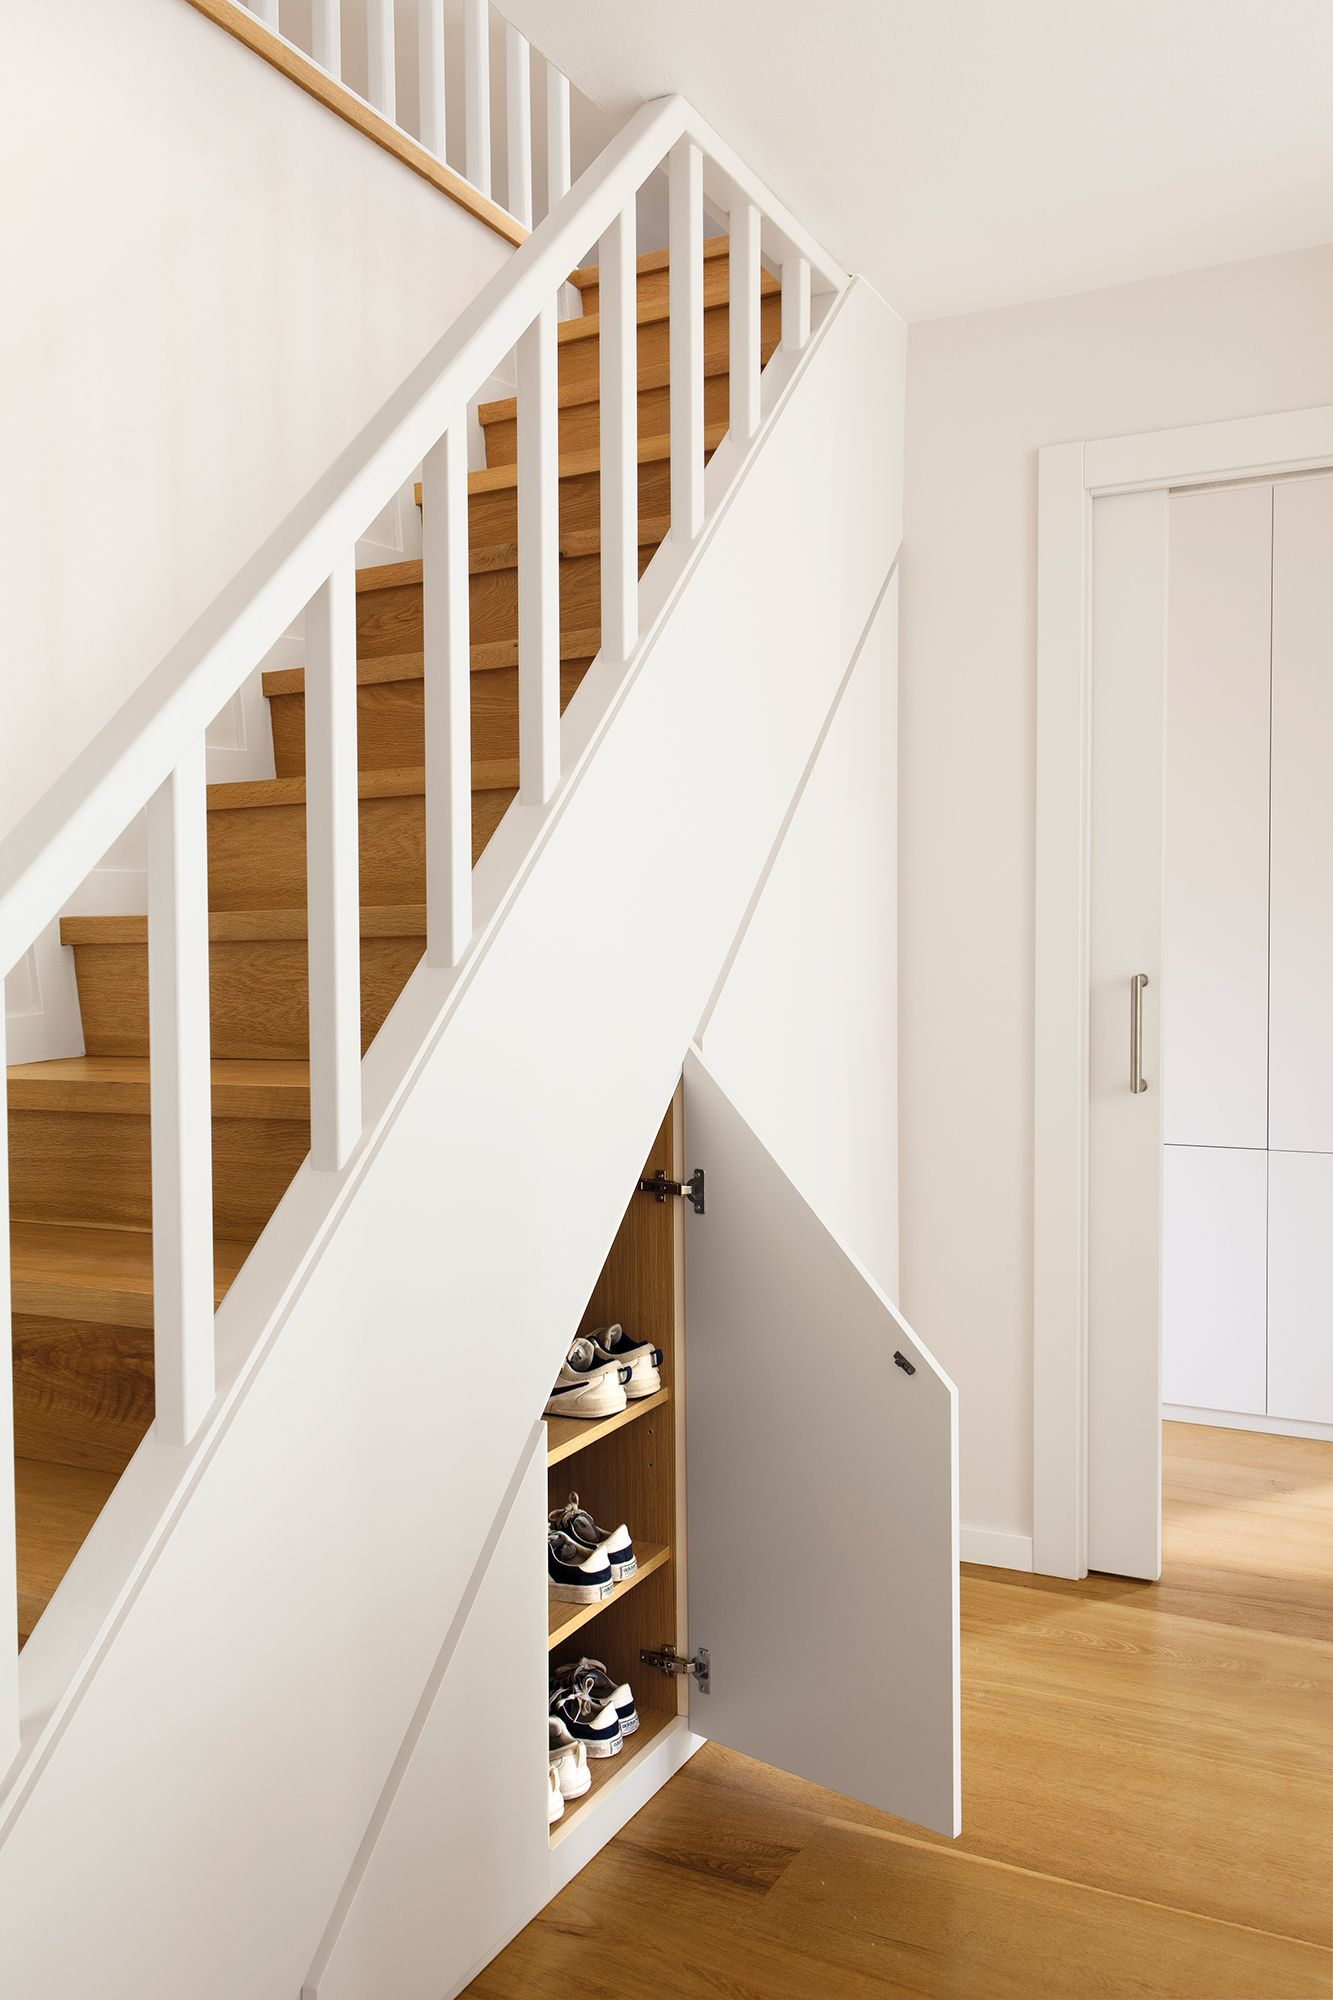 Escalera con pelda os de madera y barandilla blanca - Peldanos para escaleras ...